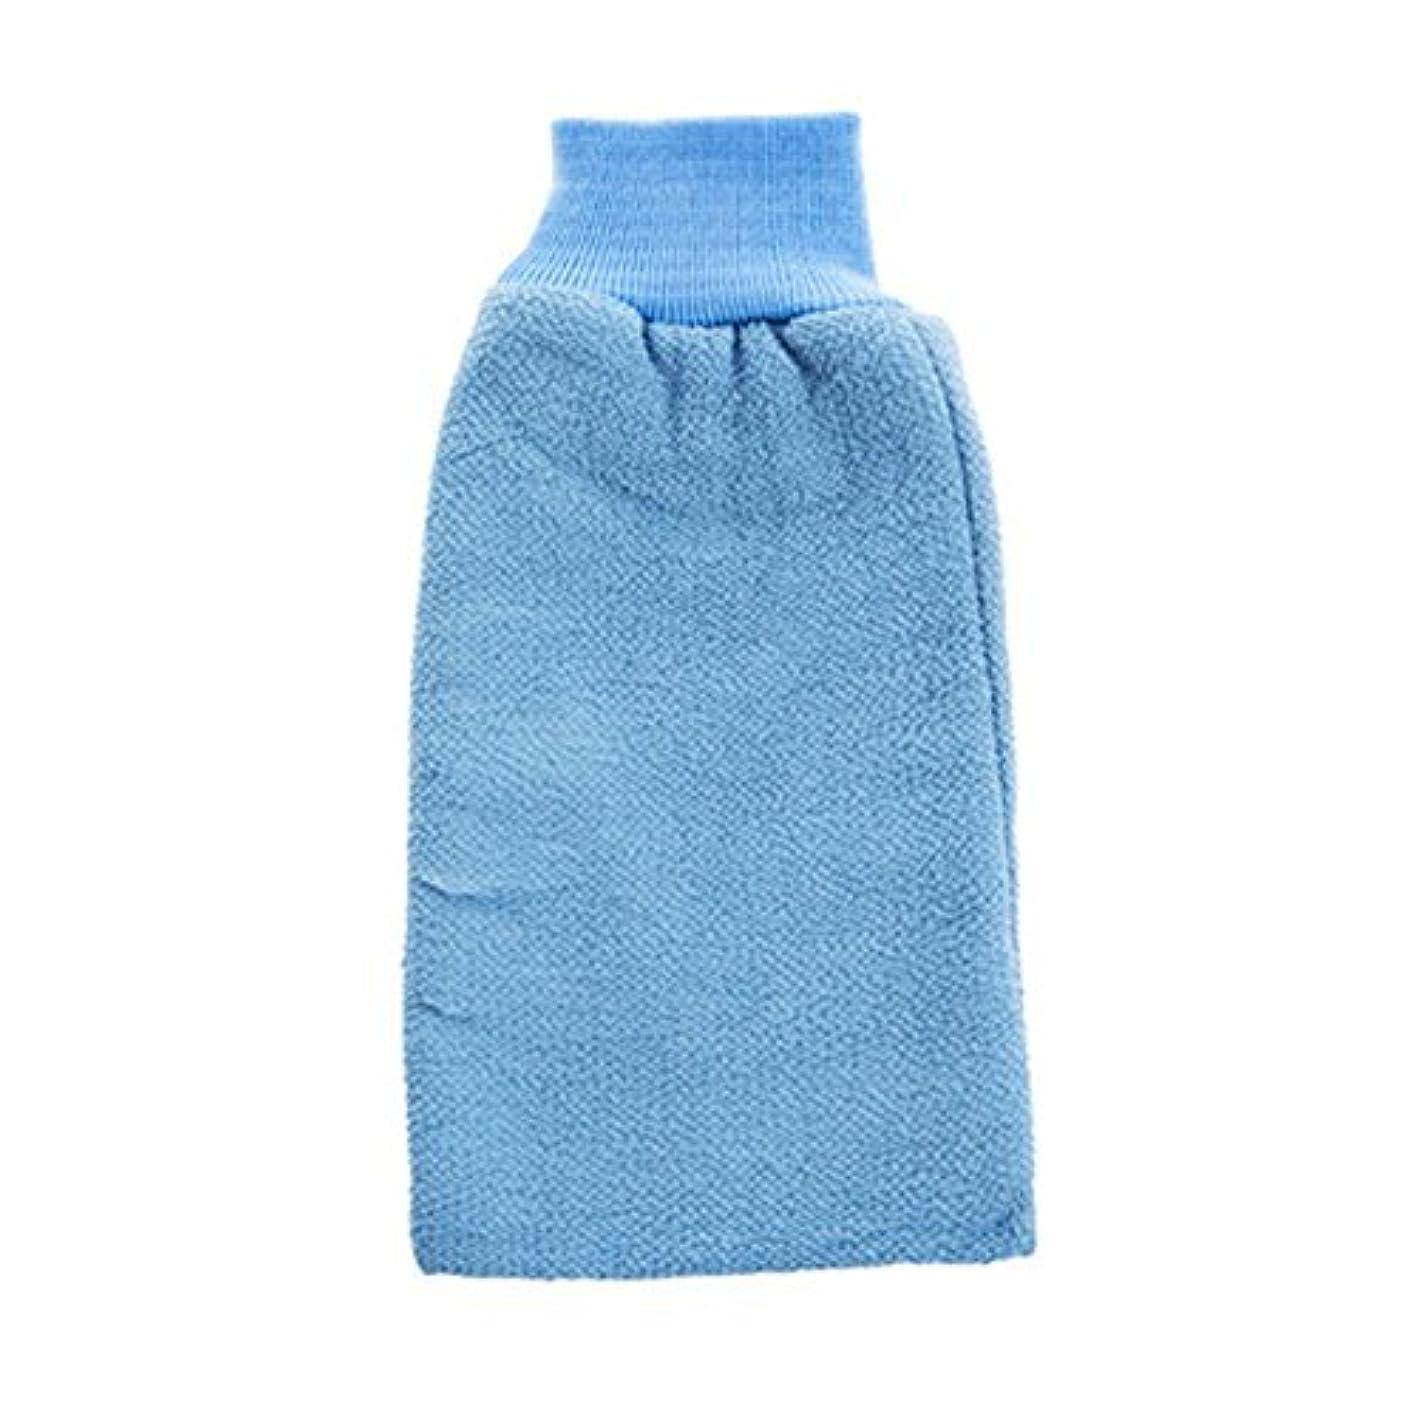 外国人フィットネス不注意ボディエクスフォリエイティングミットバスブラシシャワーグローブバス手袋 - ブルー